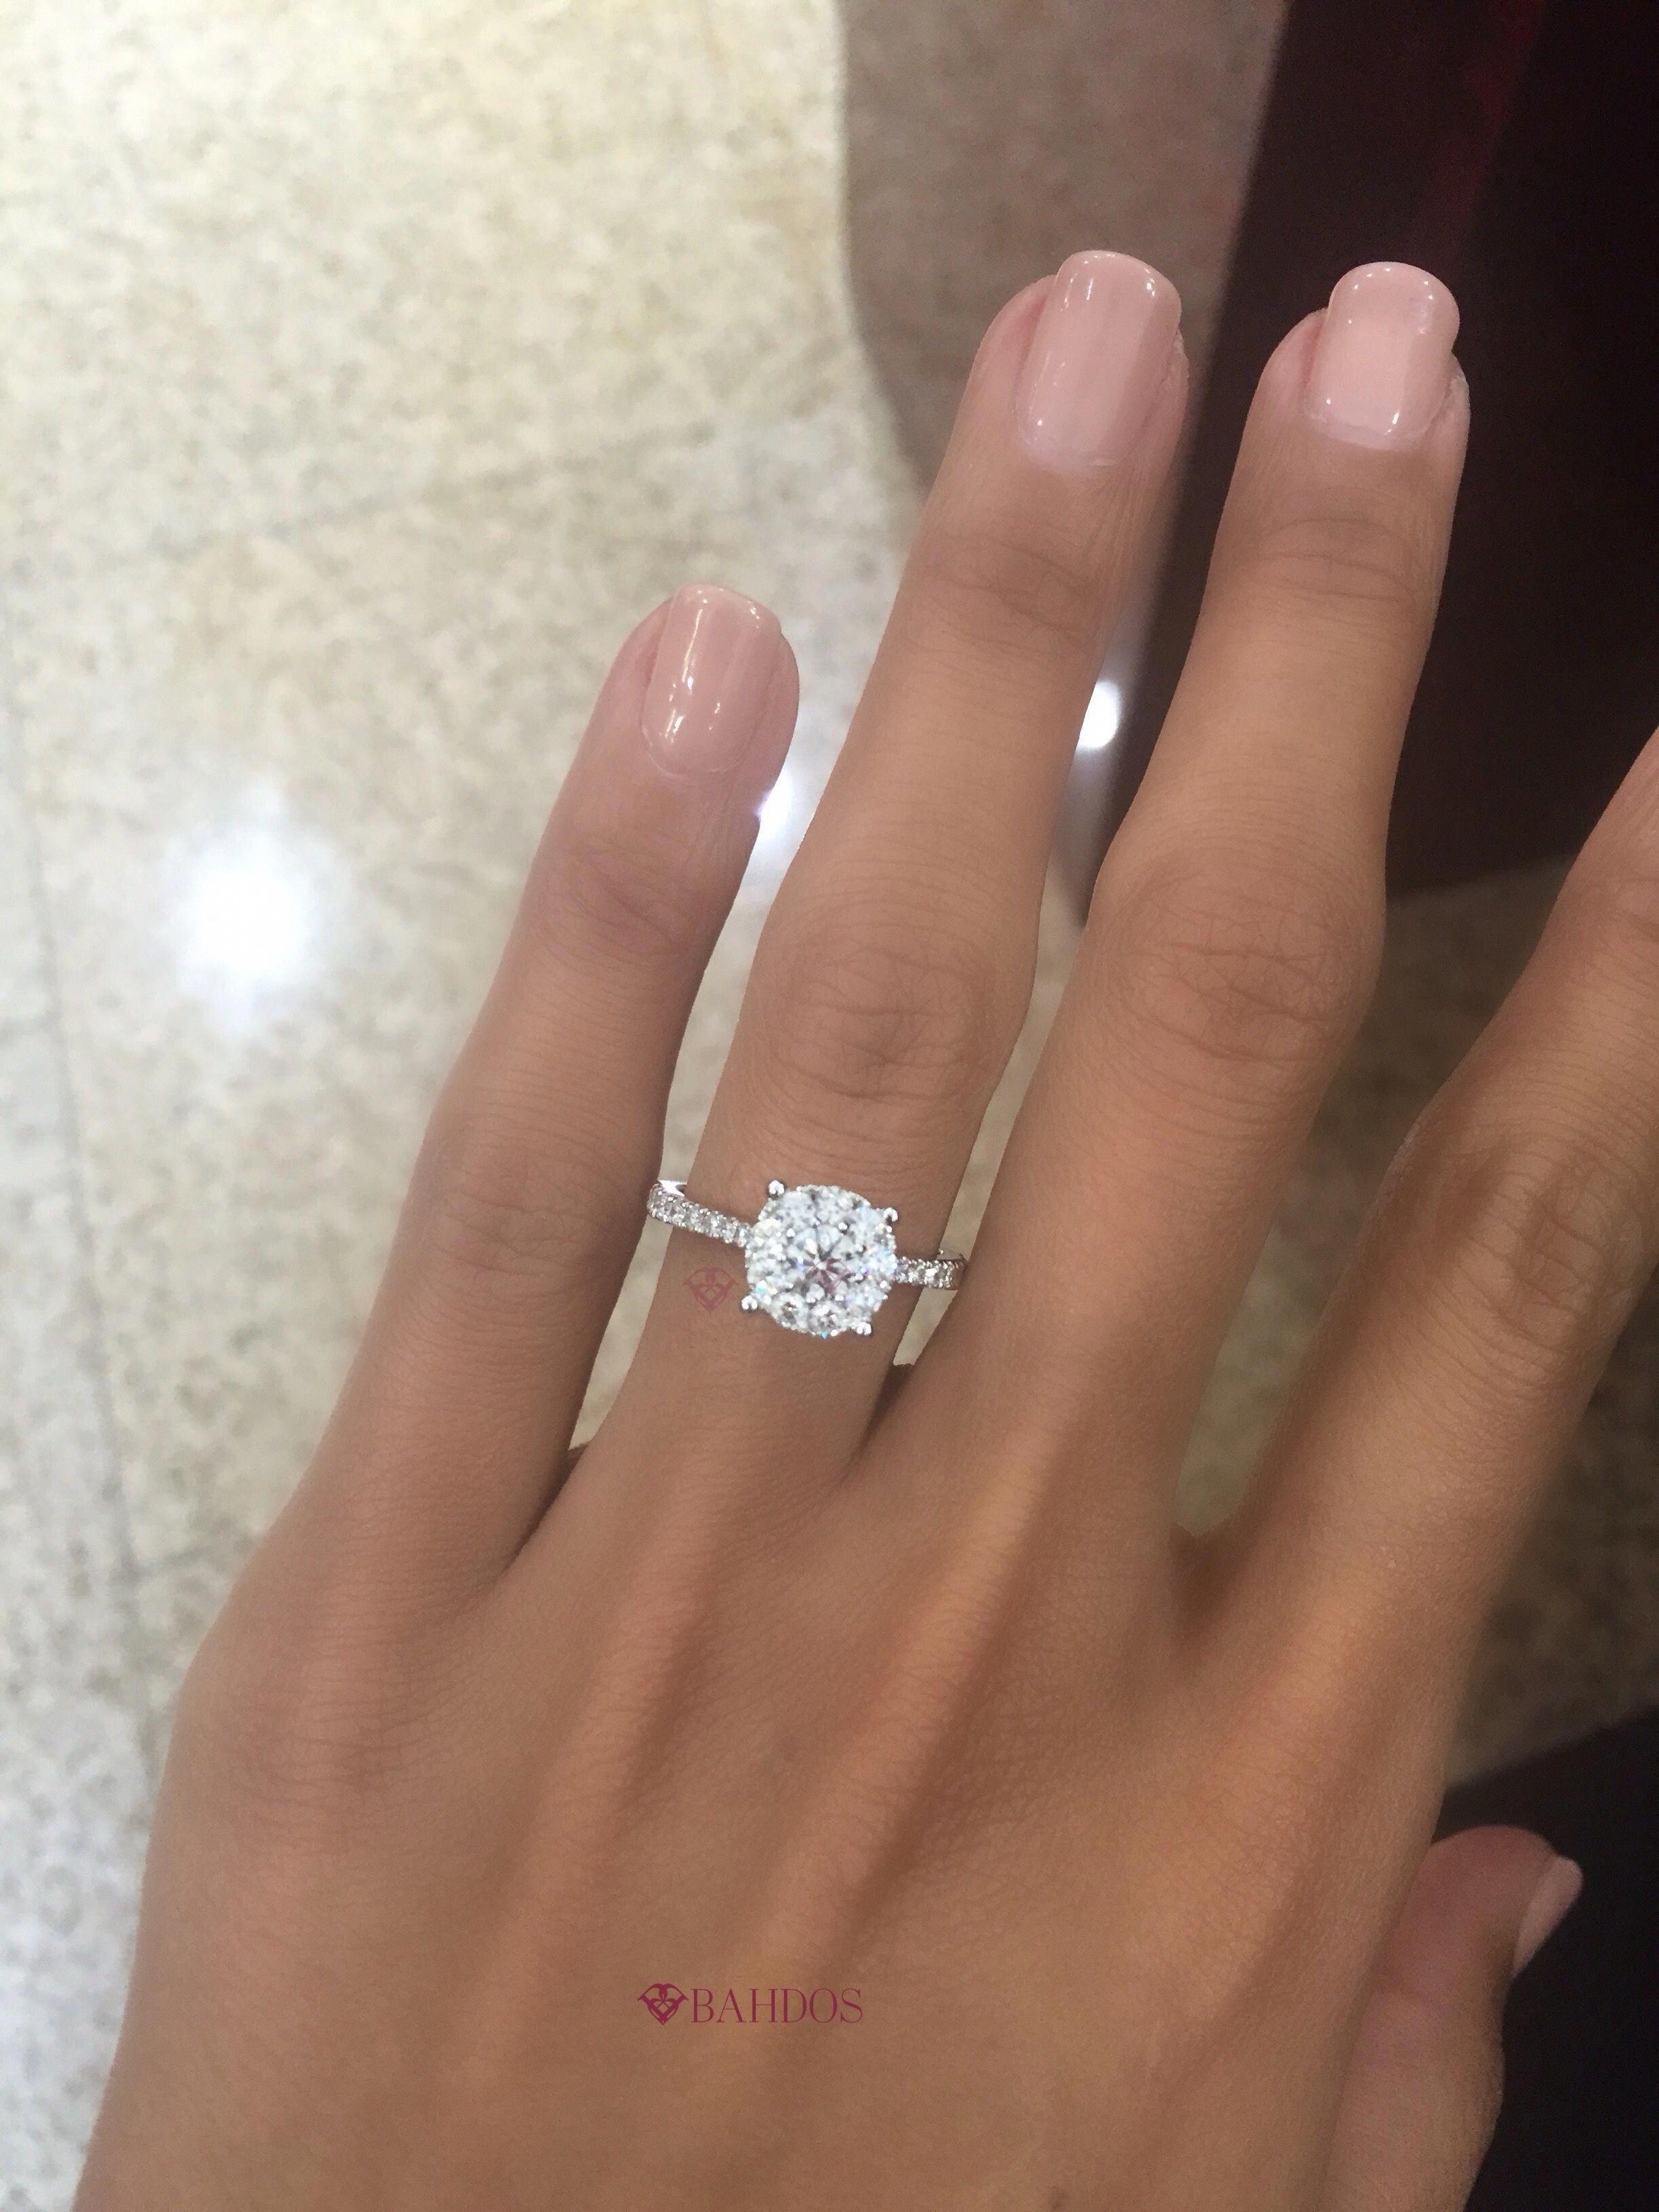 Big Wedding Rings Stunning Engagement Ring Dream Engagement Rings Beautiful Wed In 2020 Wedding Rings Simple Wedding Rings Engagement Stunning Engagement Ring